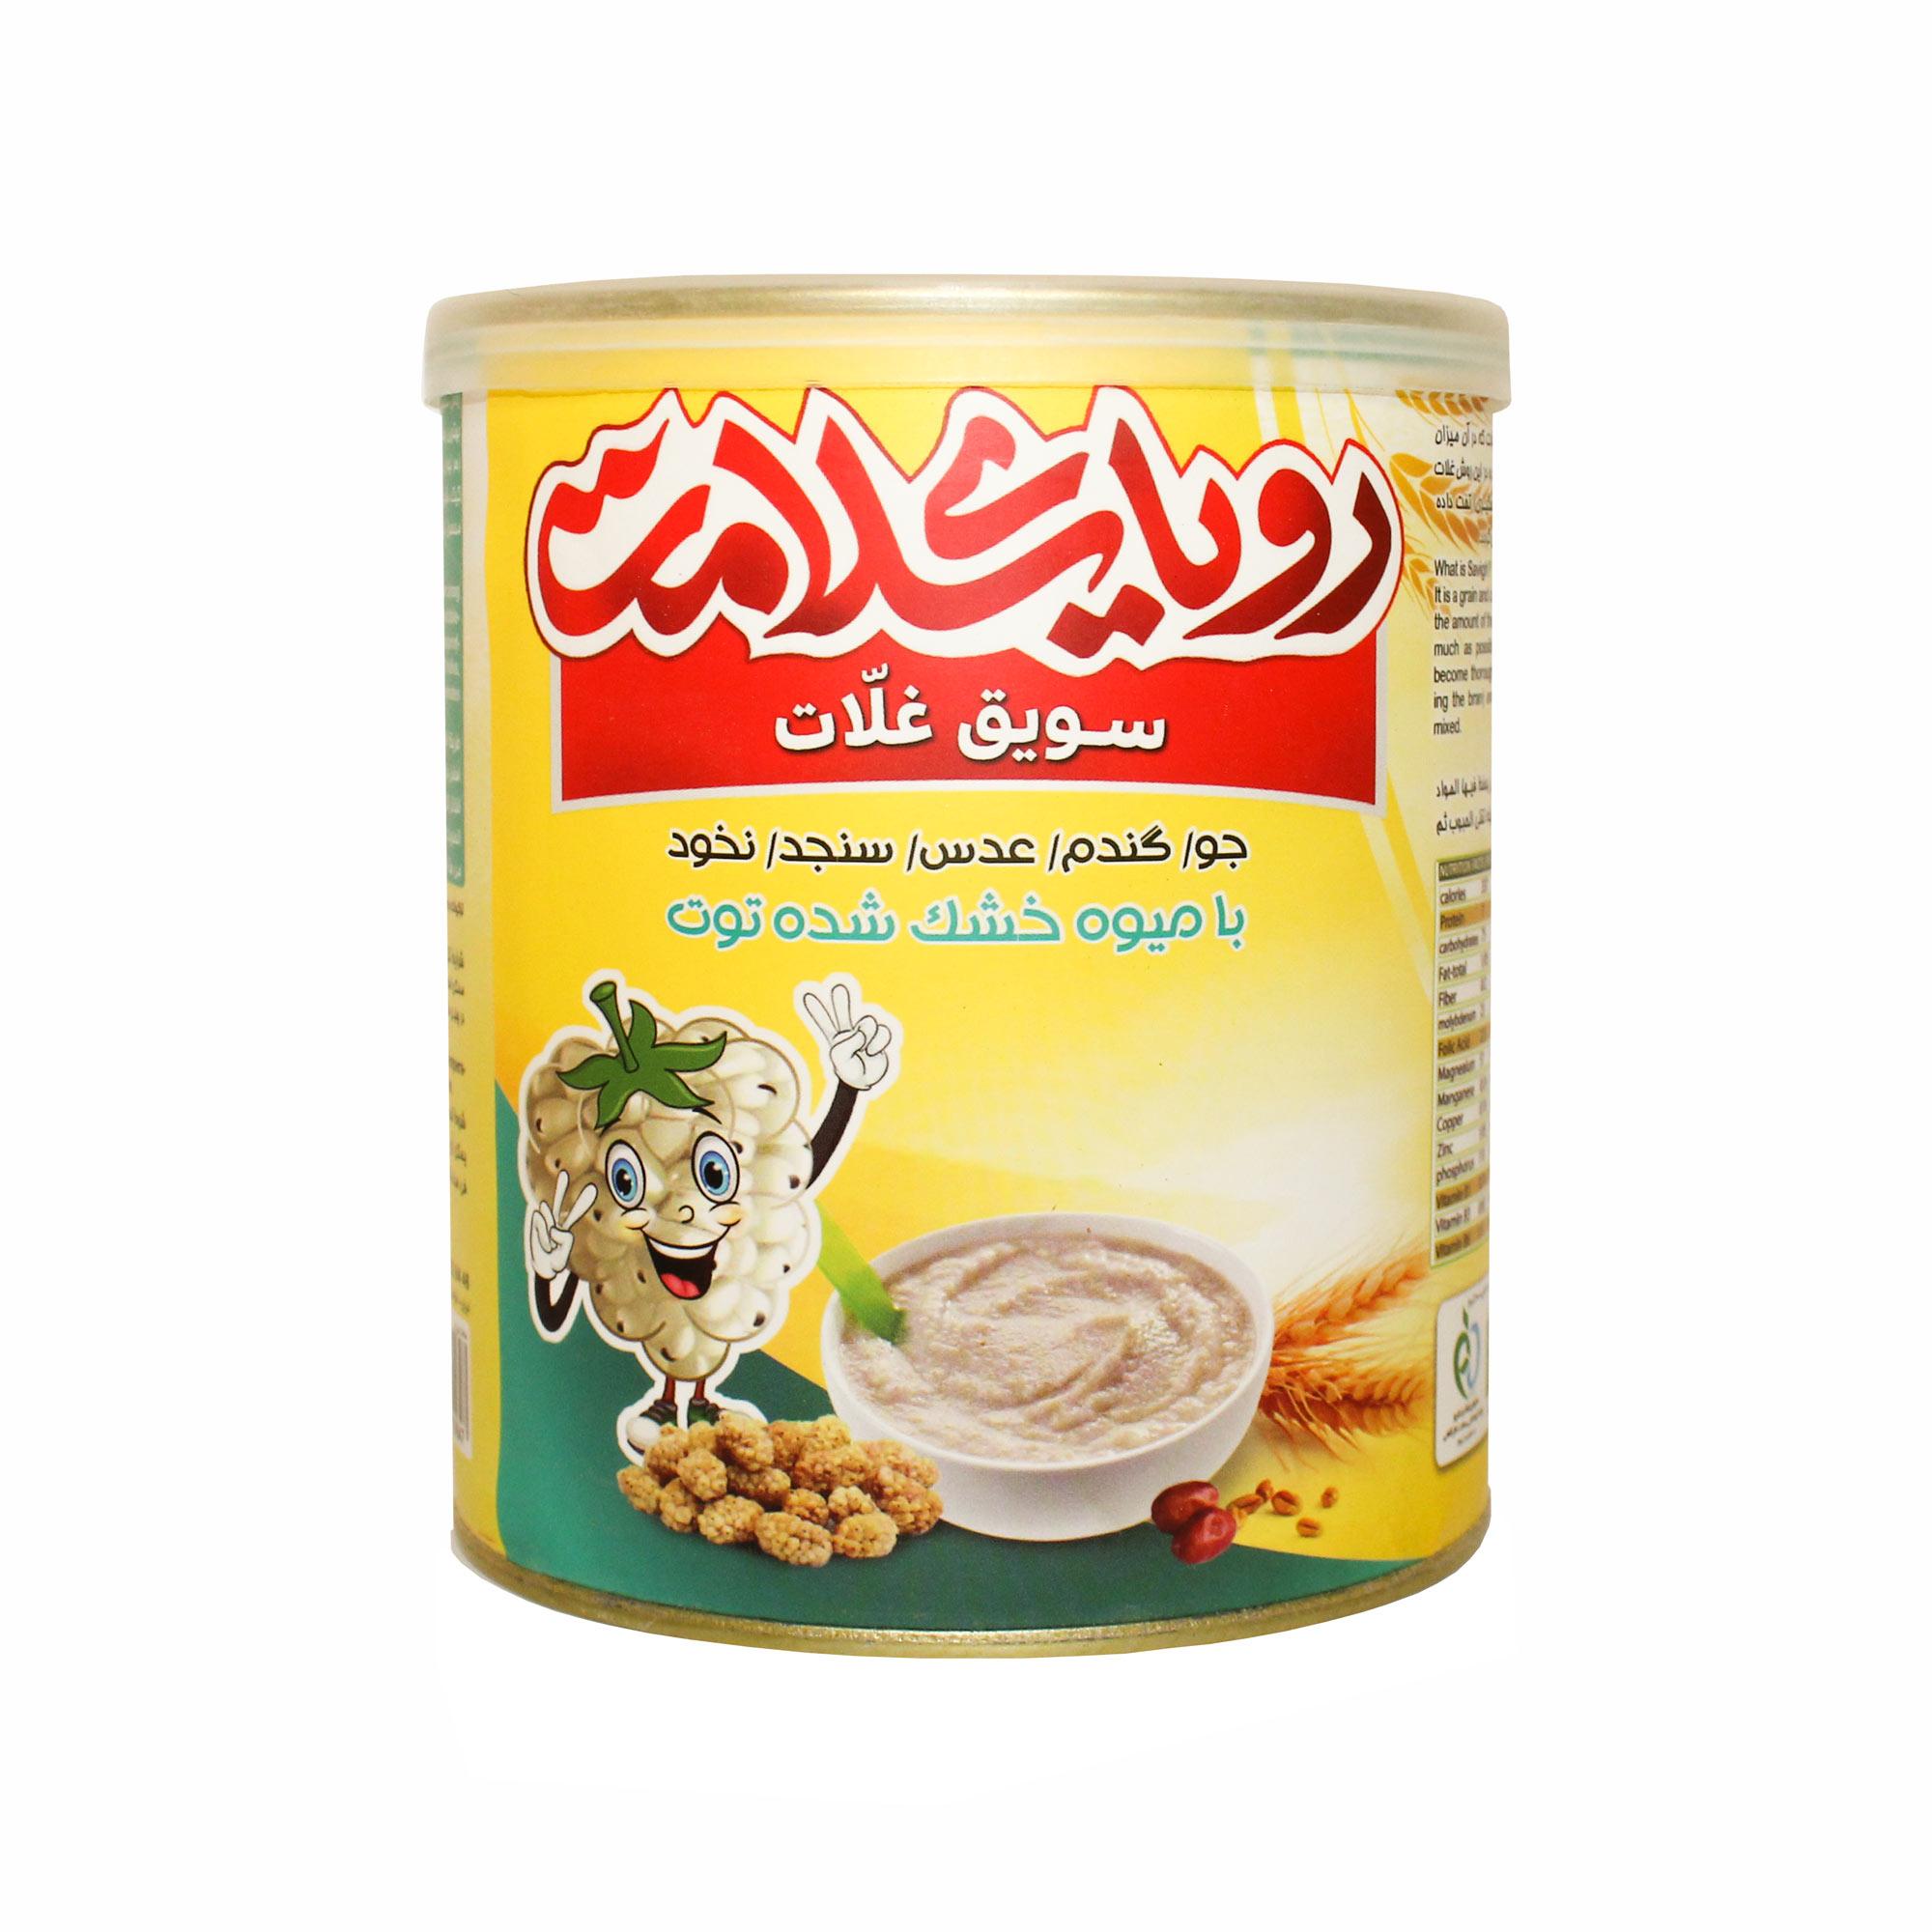 غلات صبحانه ارگانیک با میوه توت رویای سلامت - 400 گرم